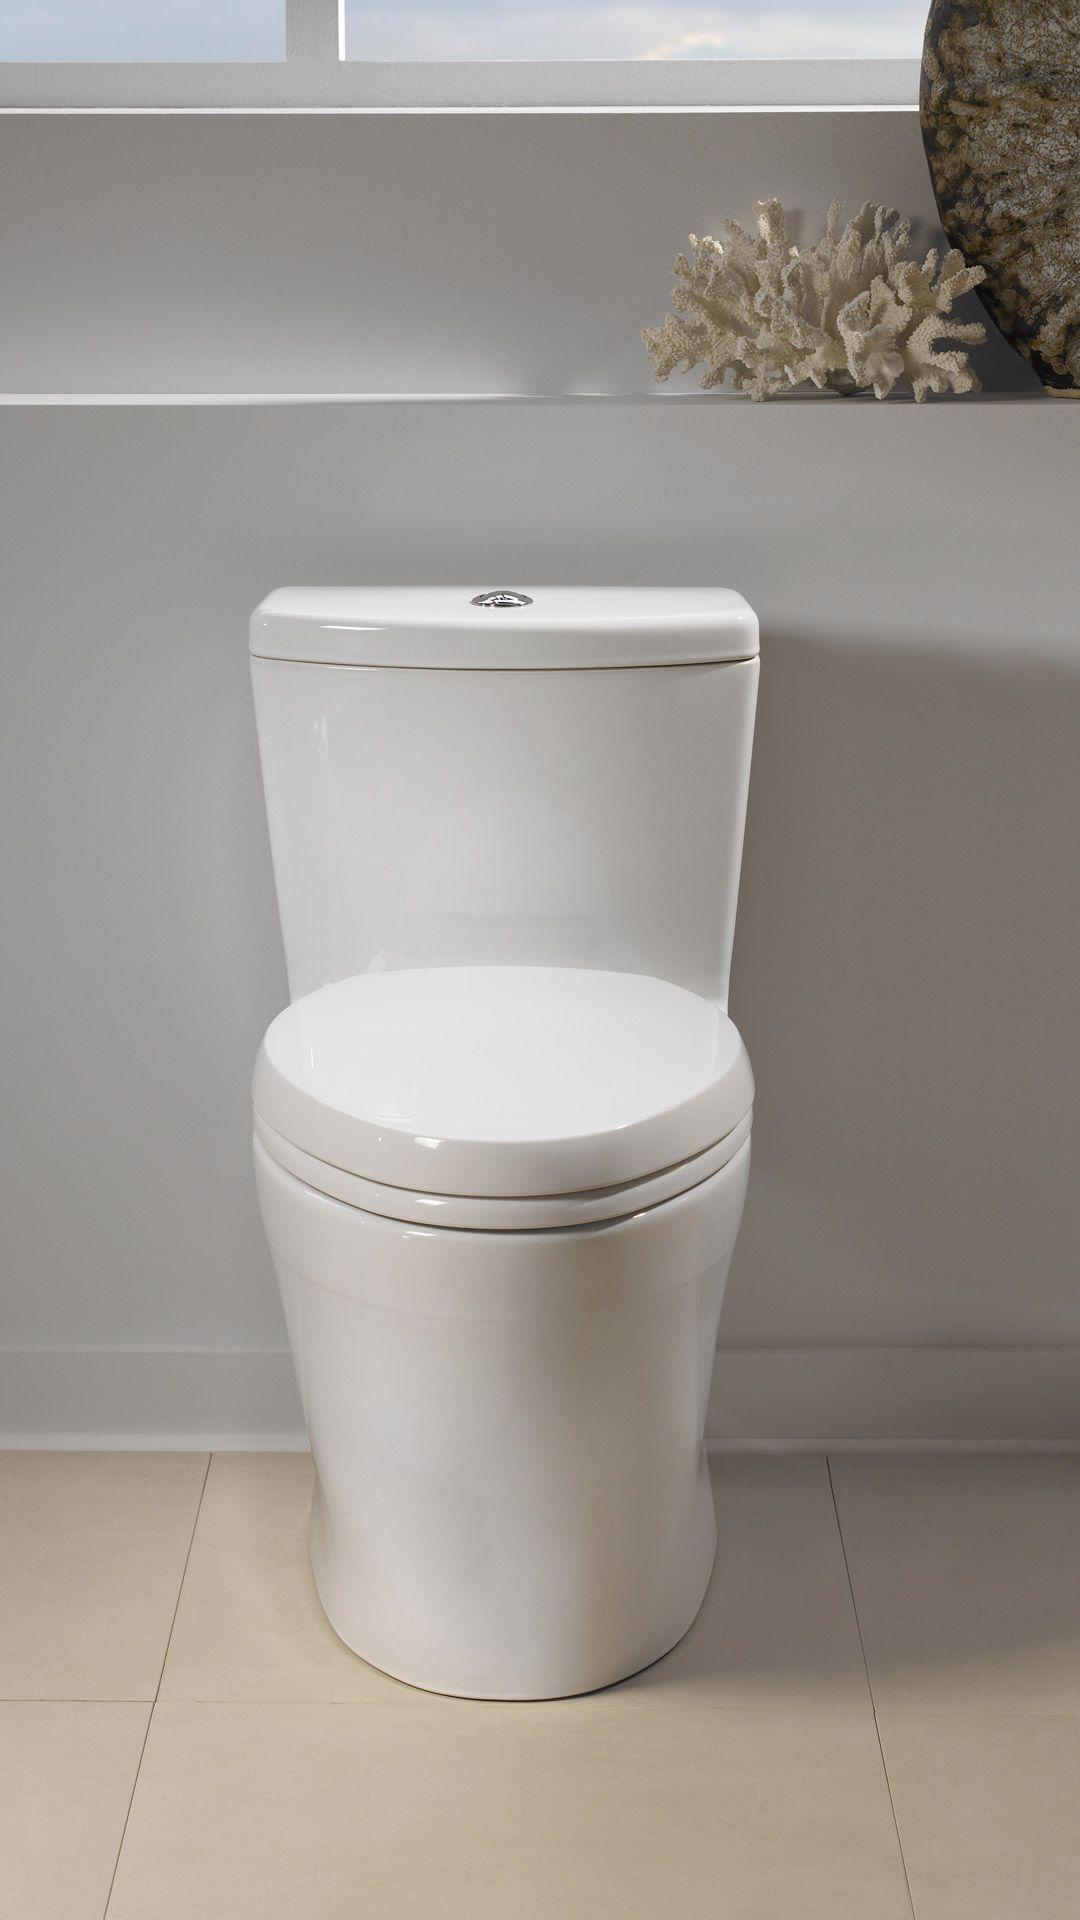 Toto Toilet One Piece